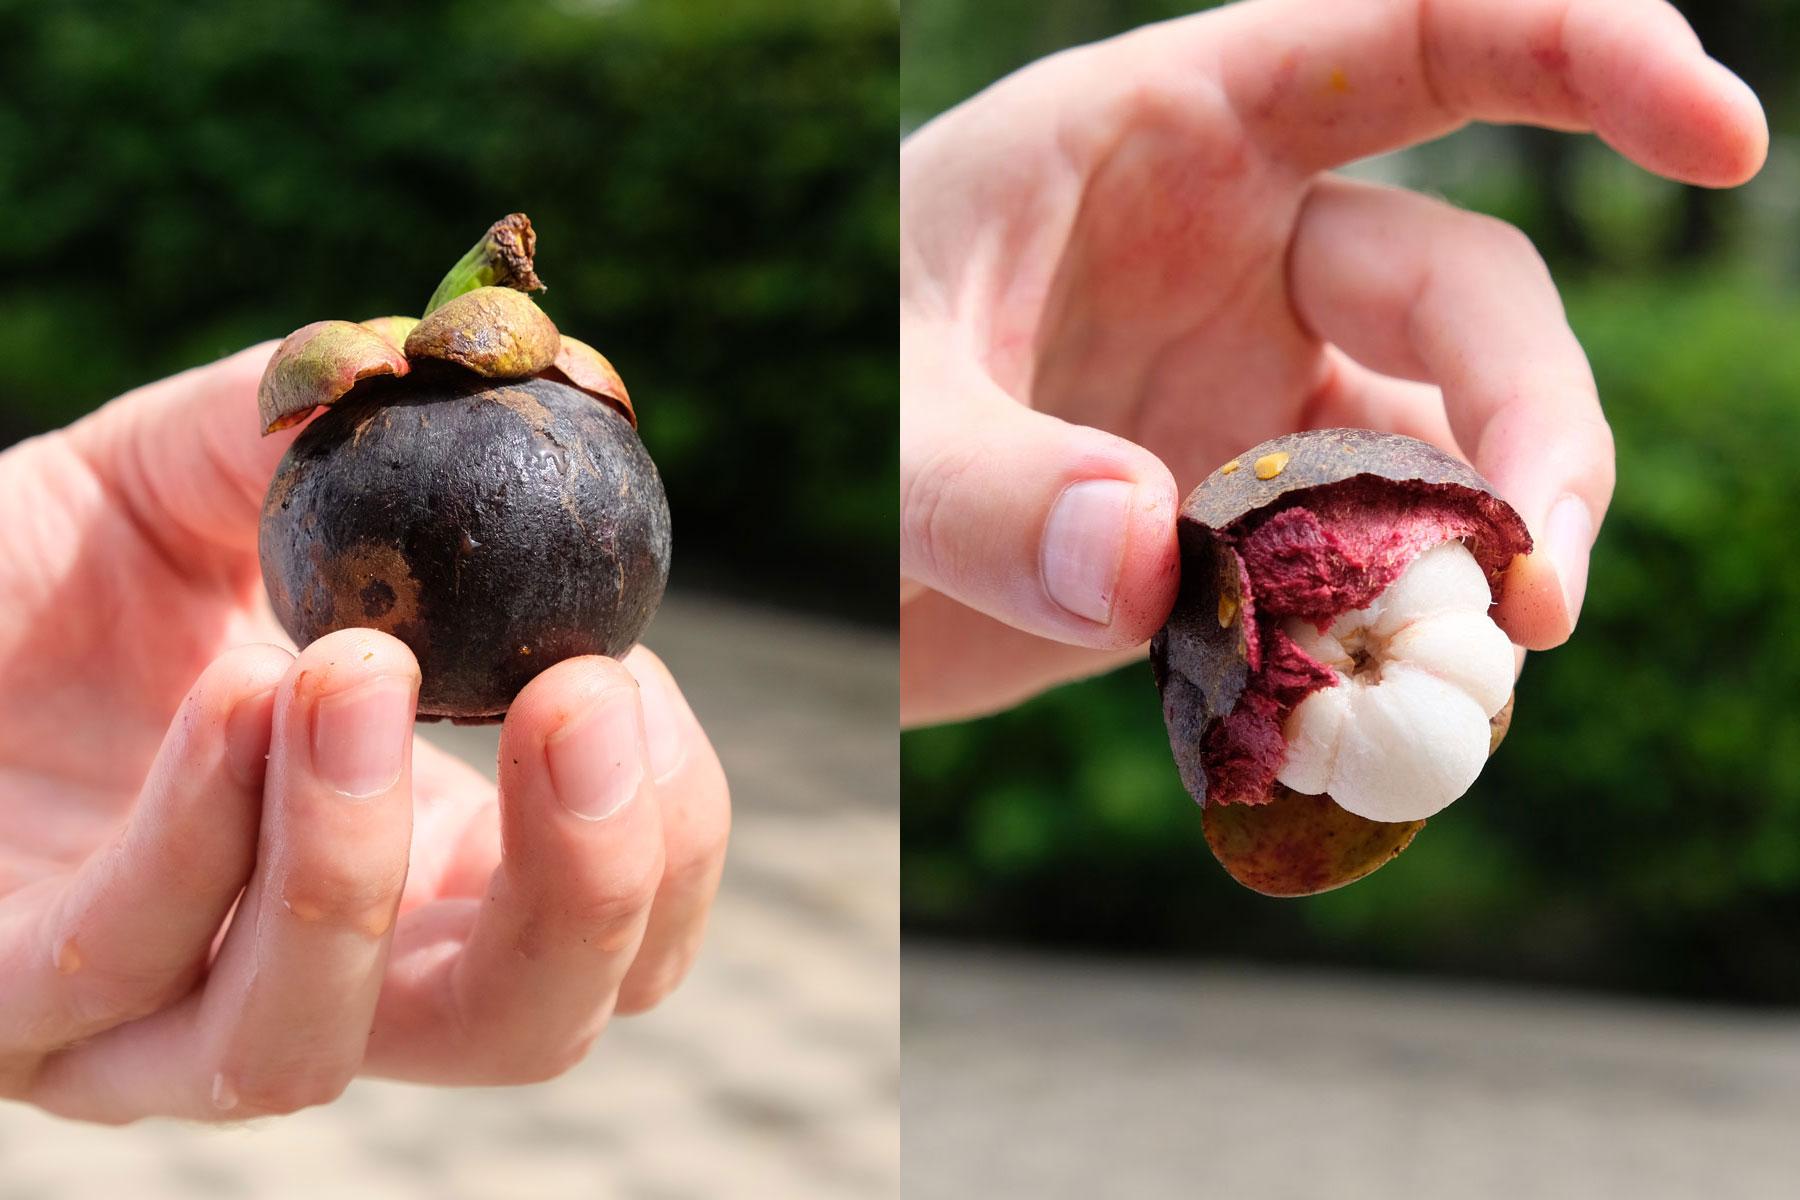 Eine Hand hält die Frucht Mangosteen.